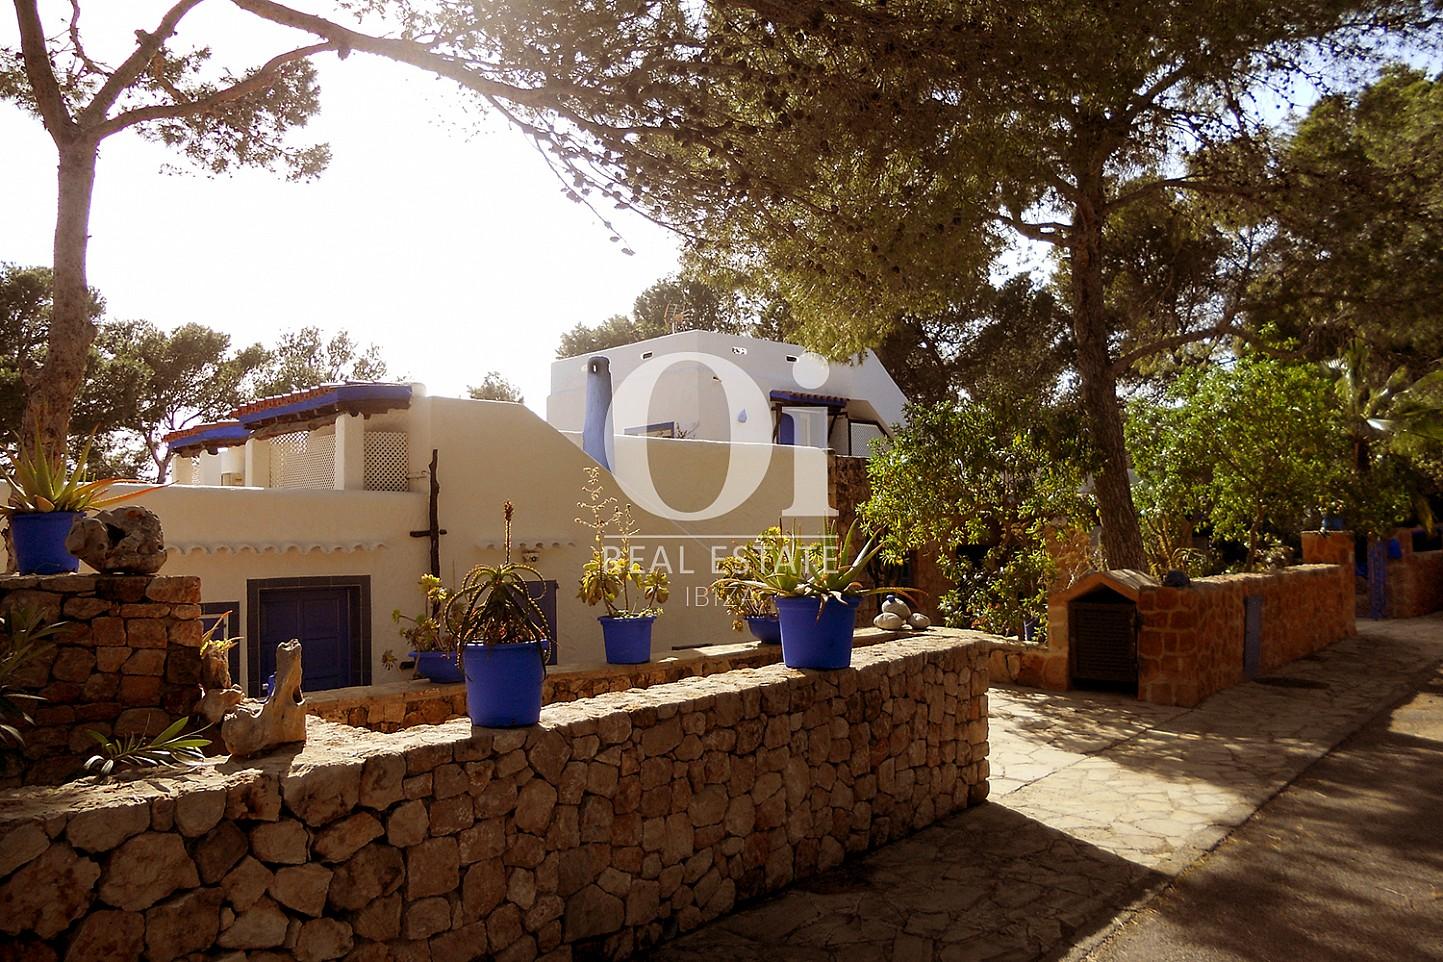 Blick aufs Äußere vom Haus zum Verkauf in Punta Galera, Ibiza